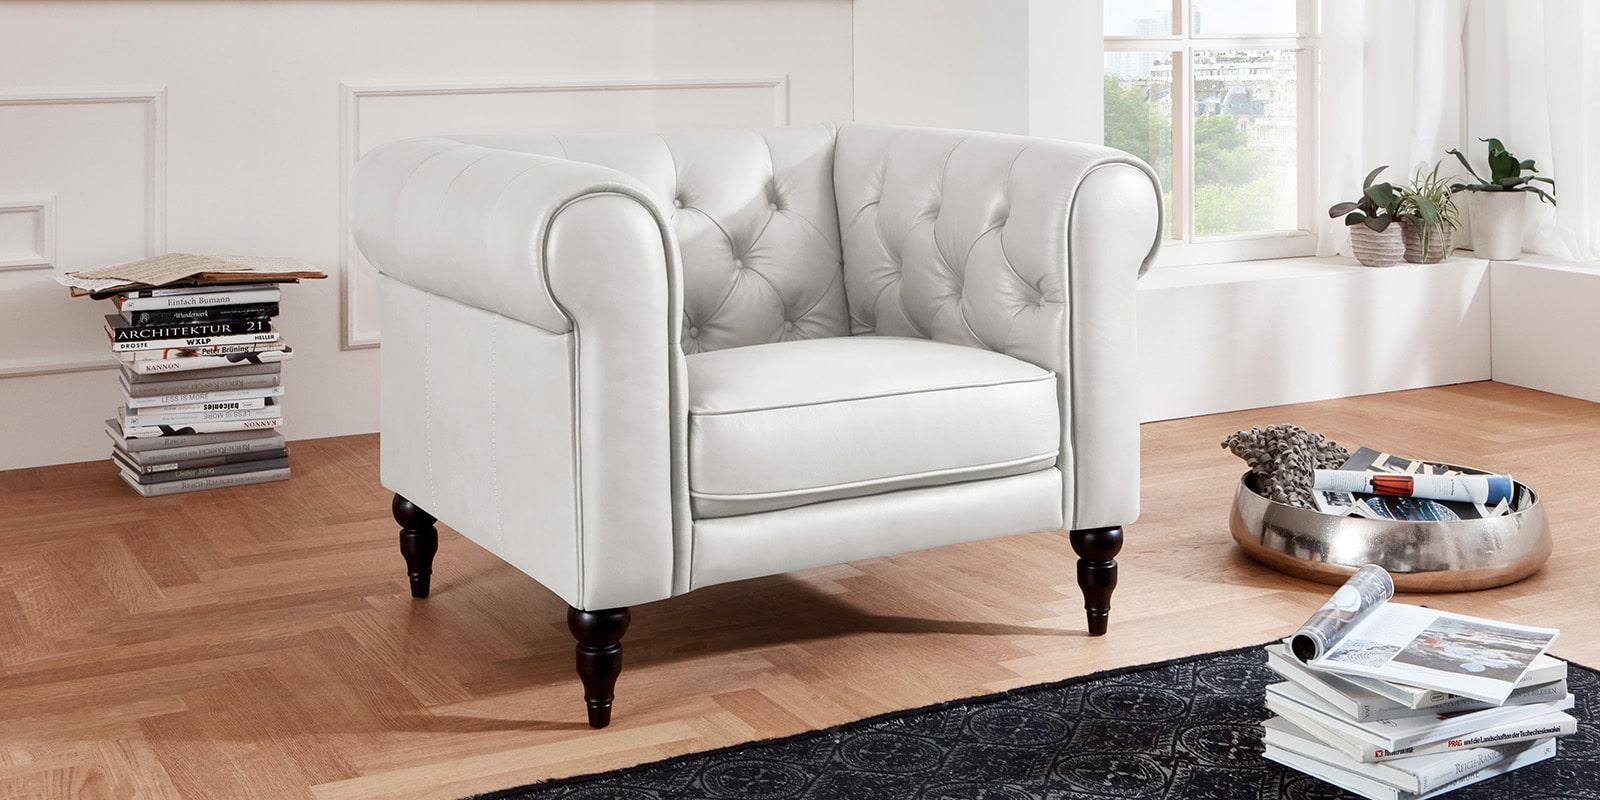 Moebella24 - 1-Sitzer - Sessel - Sofa - Hudson - Chesterfield - Leder - Weiß - Dekorative - Nähte - und - Versteppungen - Barock-Design - Füße